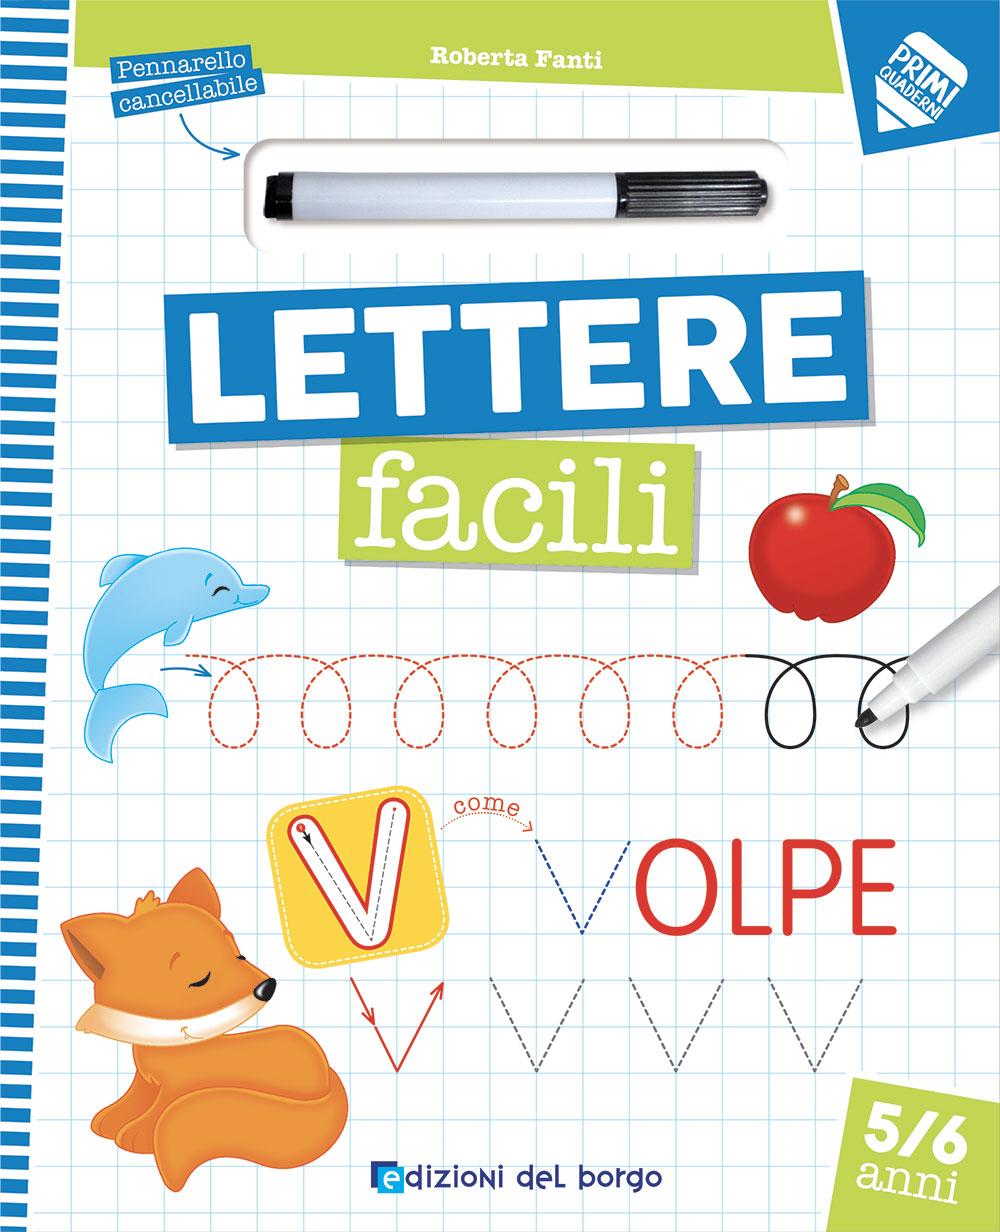 Lettere facili